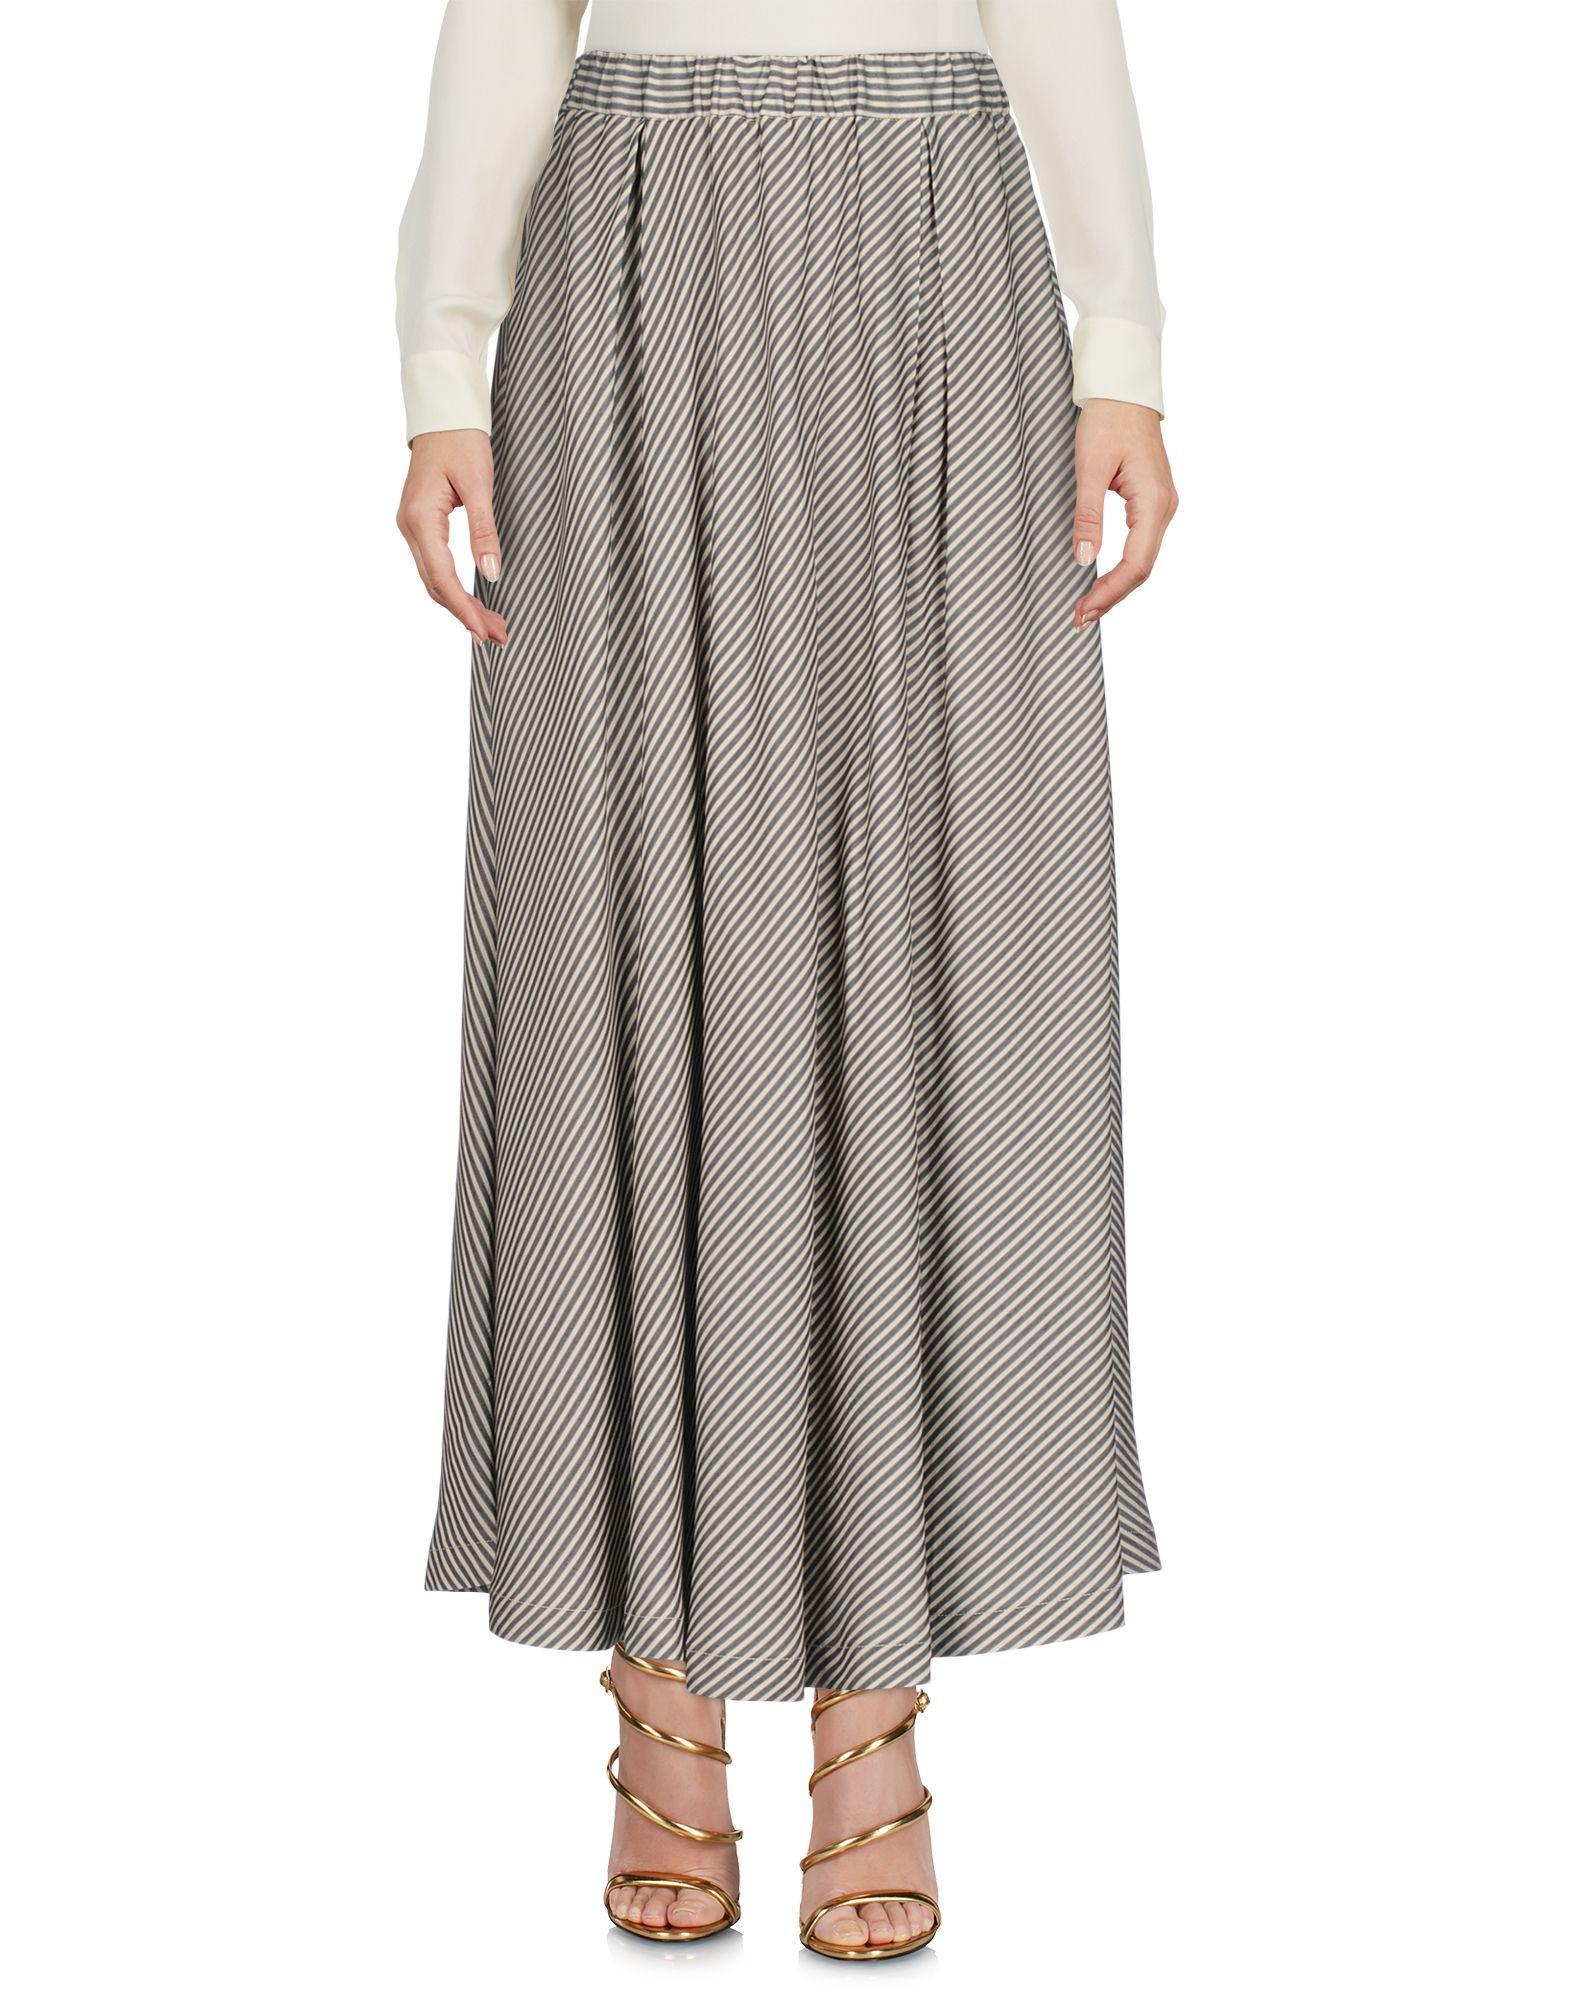 Barena Venezia Maxi Skirts In Beige